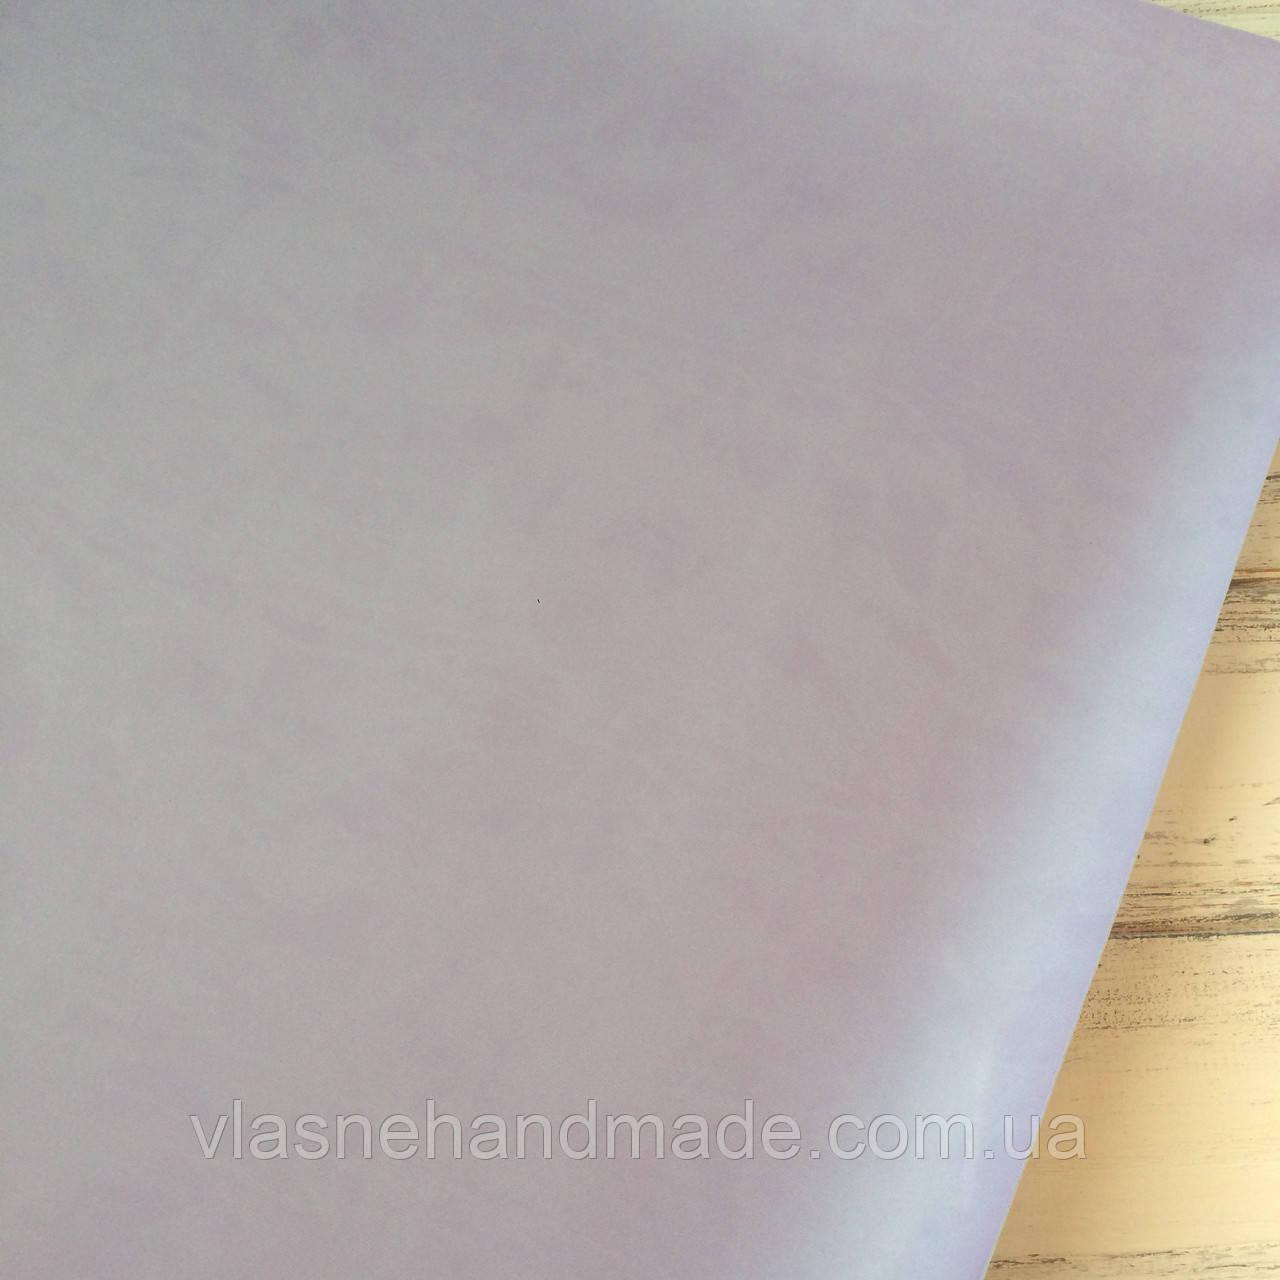 НЕФОРМАТ АБО НЕВЕЛИКИЙ БРАК!! Шкірзамінник палітурний - матовий - світлий фіолетово-бузковий - 24х70 см